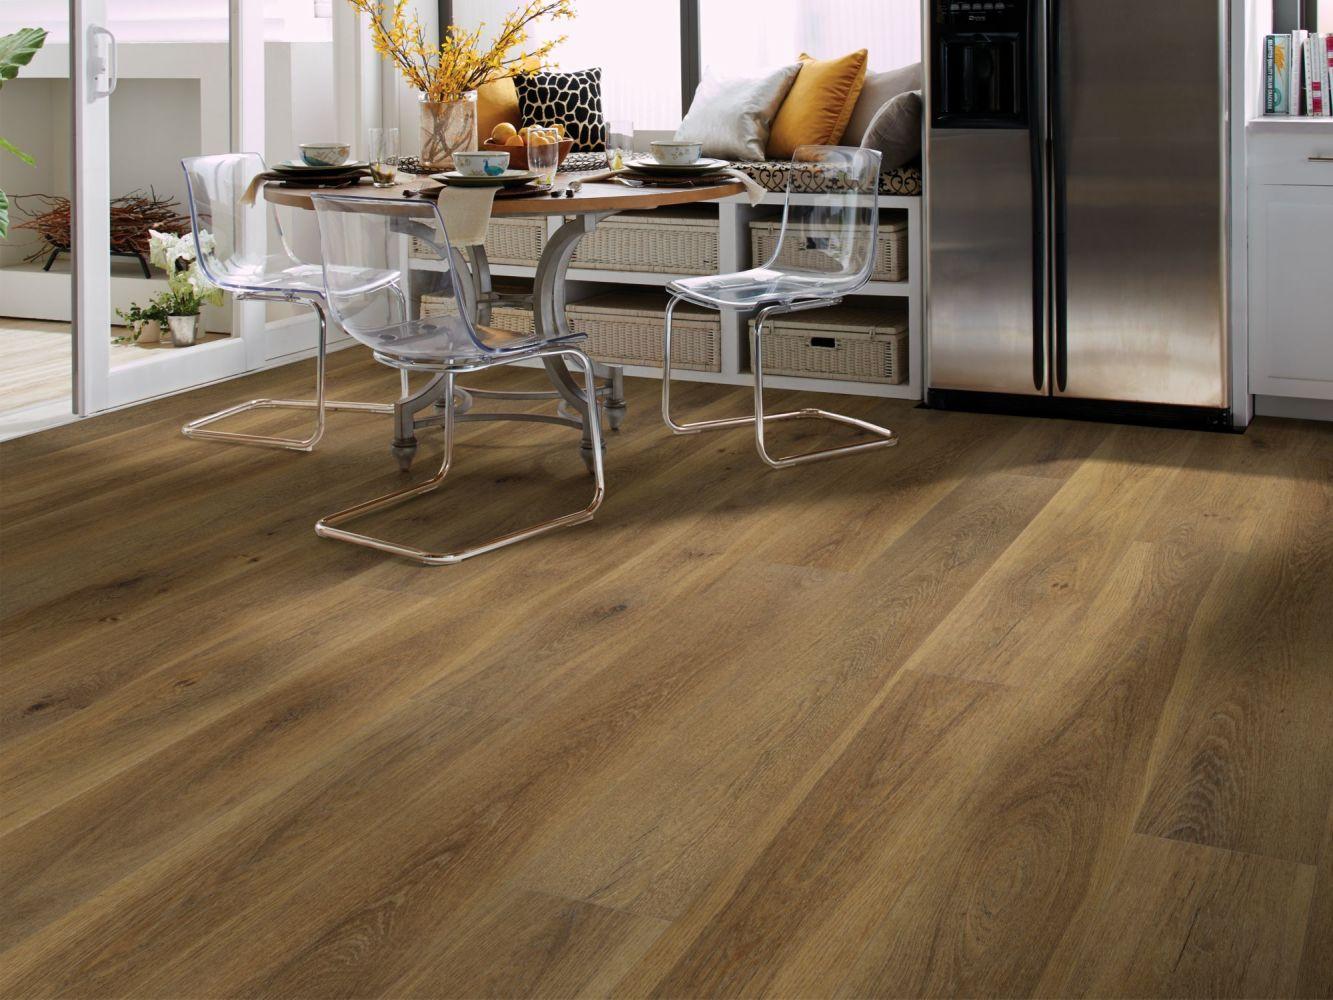 Shaw Floors SFA Adventure XL Hd+accent Cowhide 06004_700SA